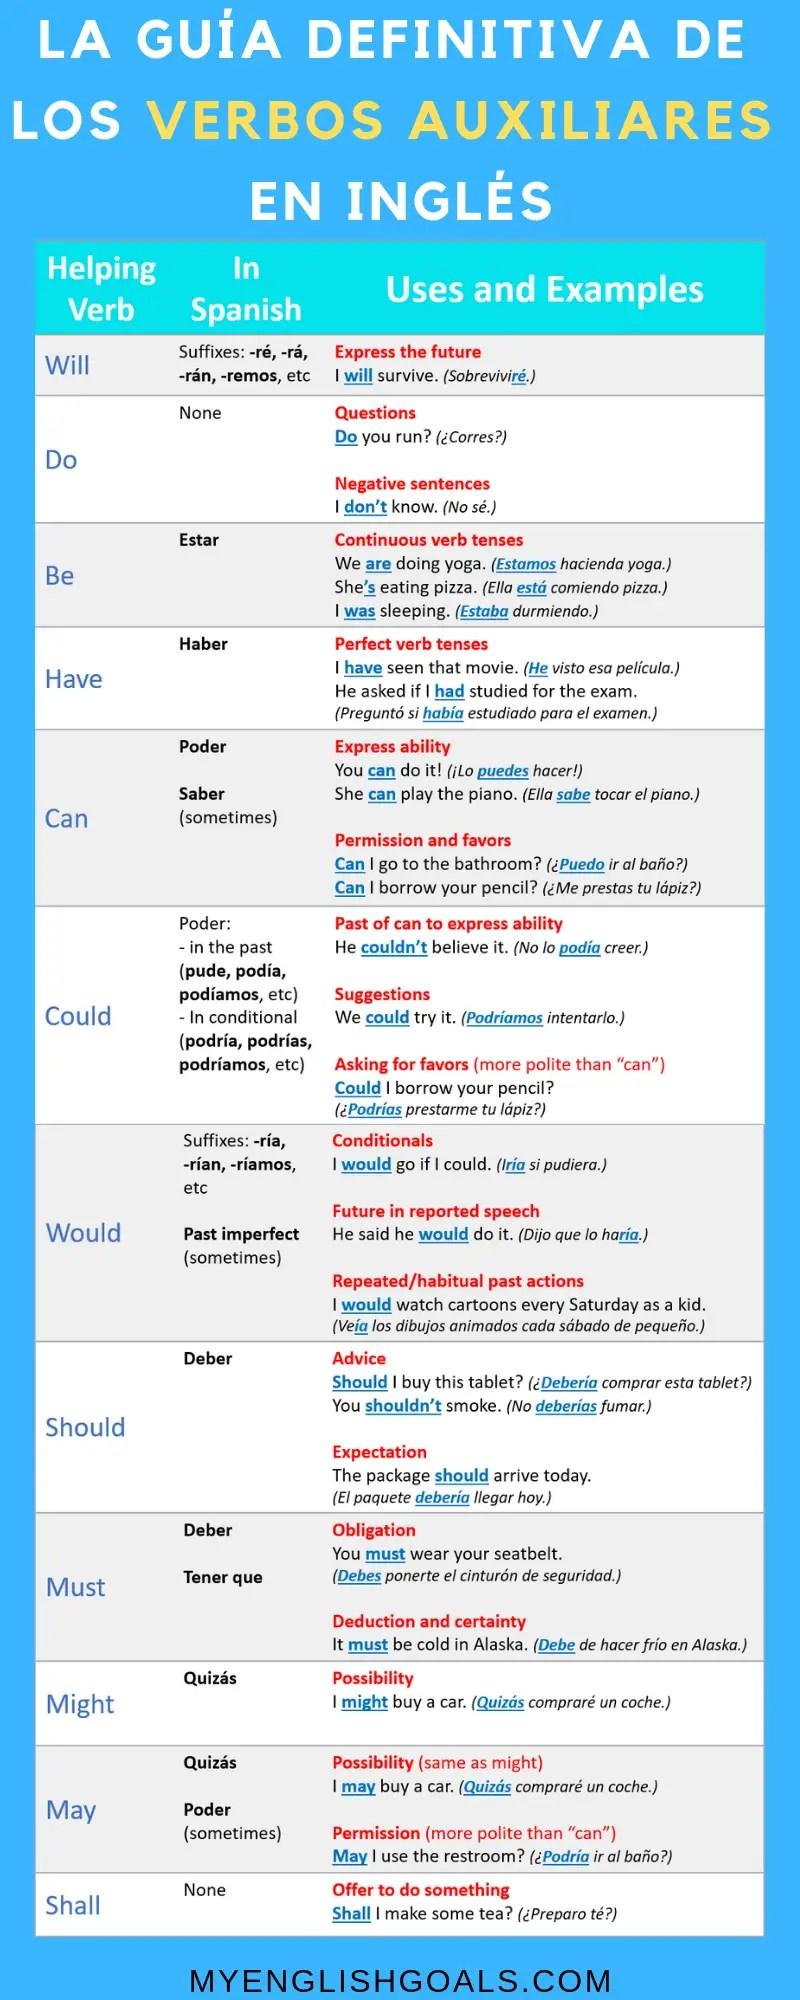 La guía definitiva sobre los verbos auxiliares en inglés - My English Goals